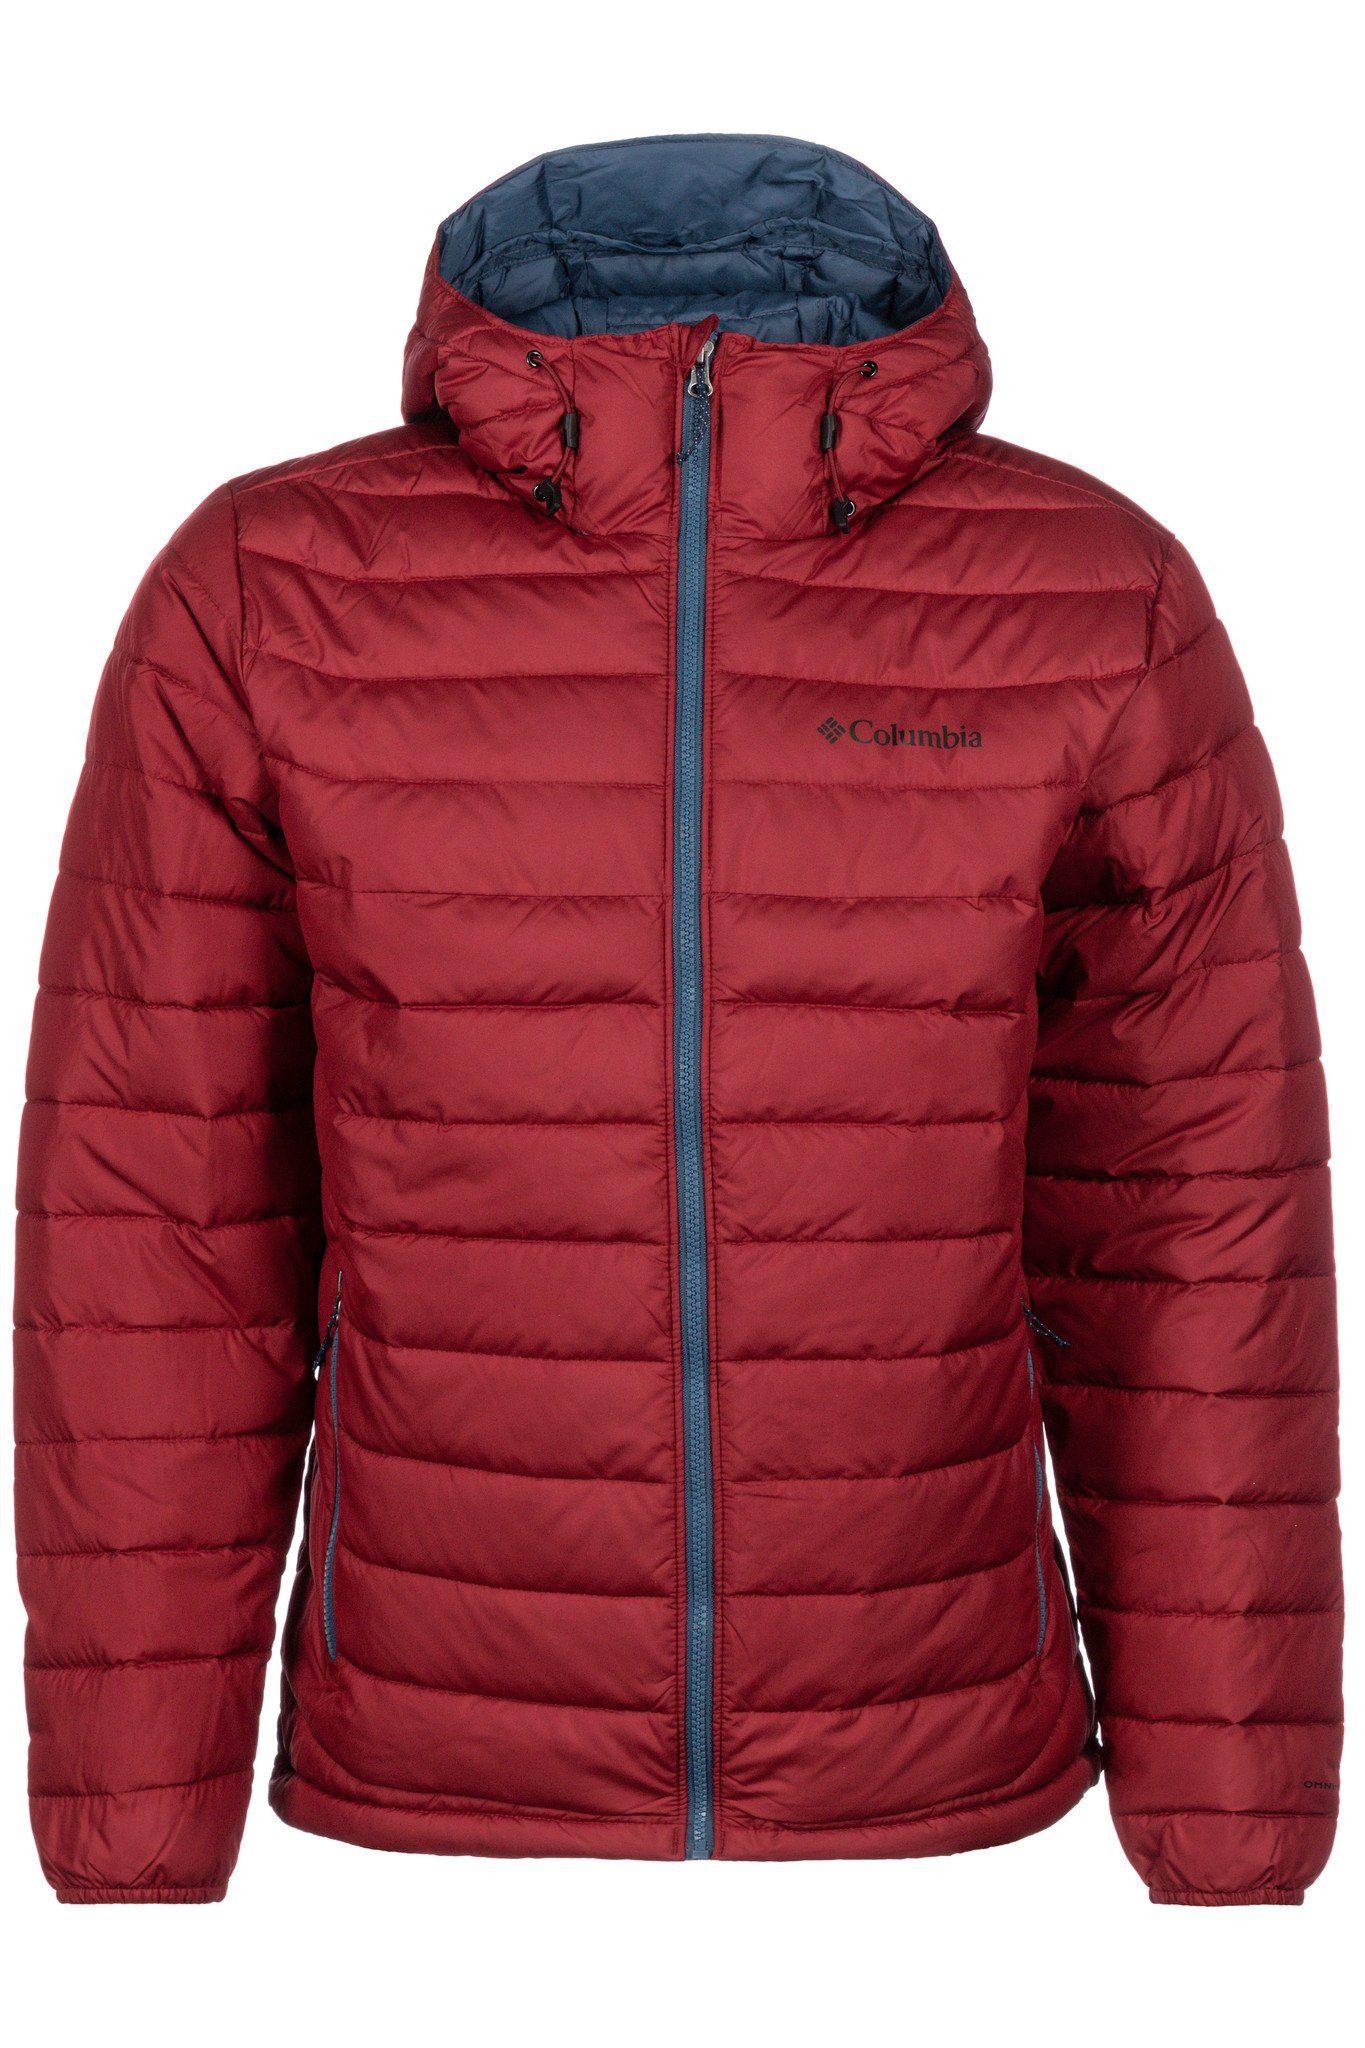 Columbia Outdoorjacke »Powder Lite Hooded Jacket Herren« online kaufen   OTTO